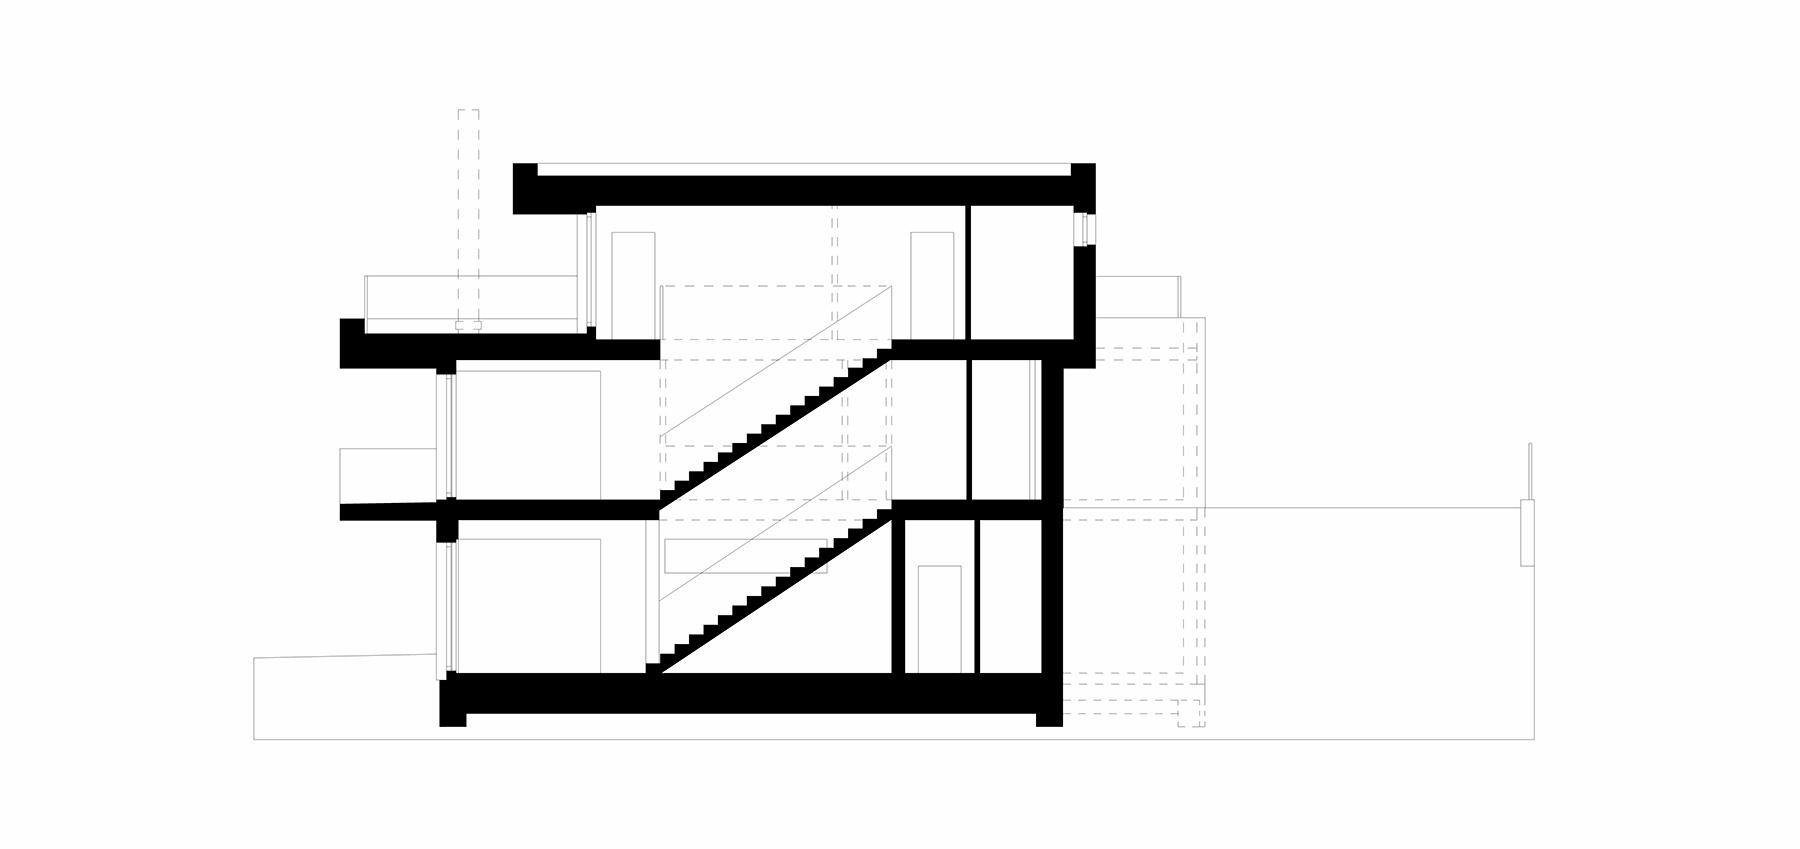 wunschhaus-haus-s84-plan-schnitt